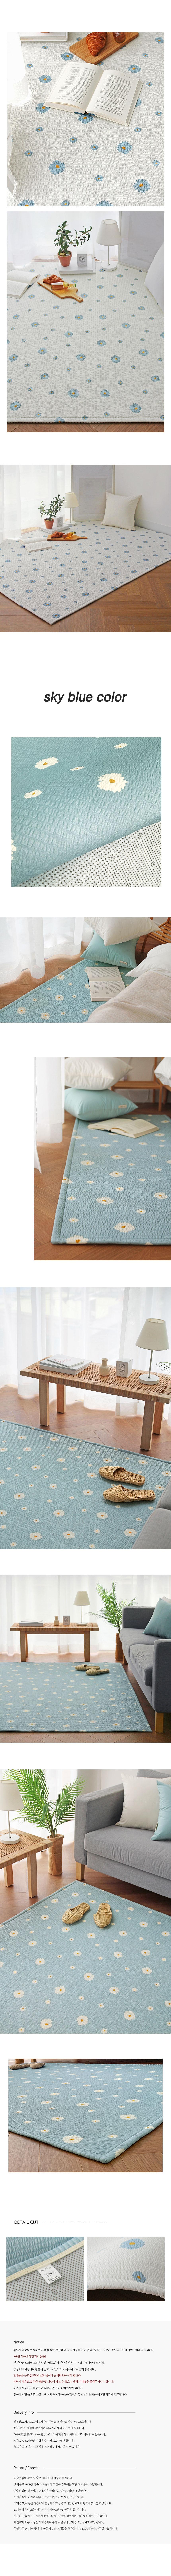 데이지 시어서커 지지미 여름 러그 60x150 - 2color - 더프리그, 25,200원, 디자인러그, 디자인러그